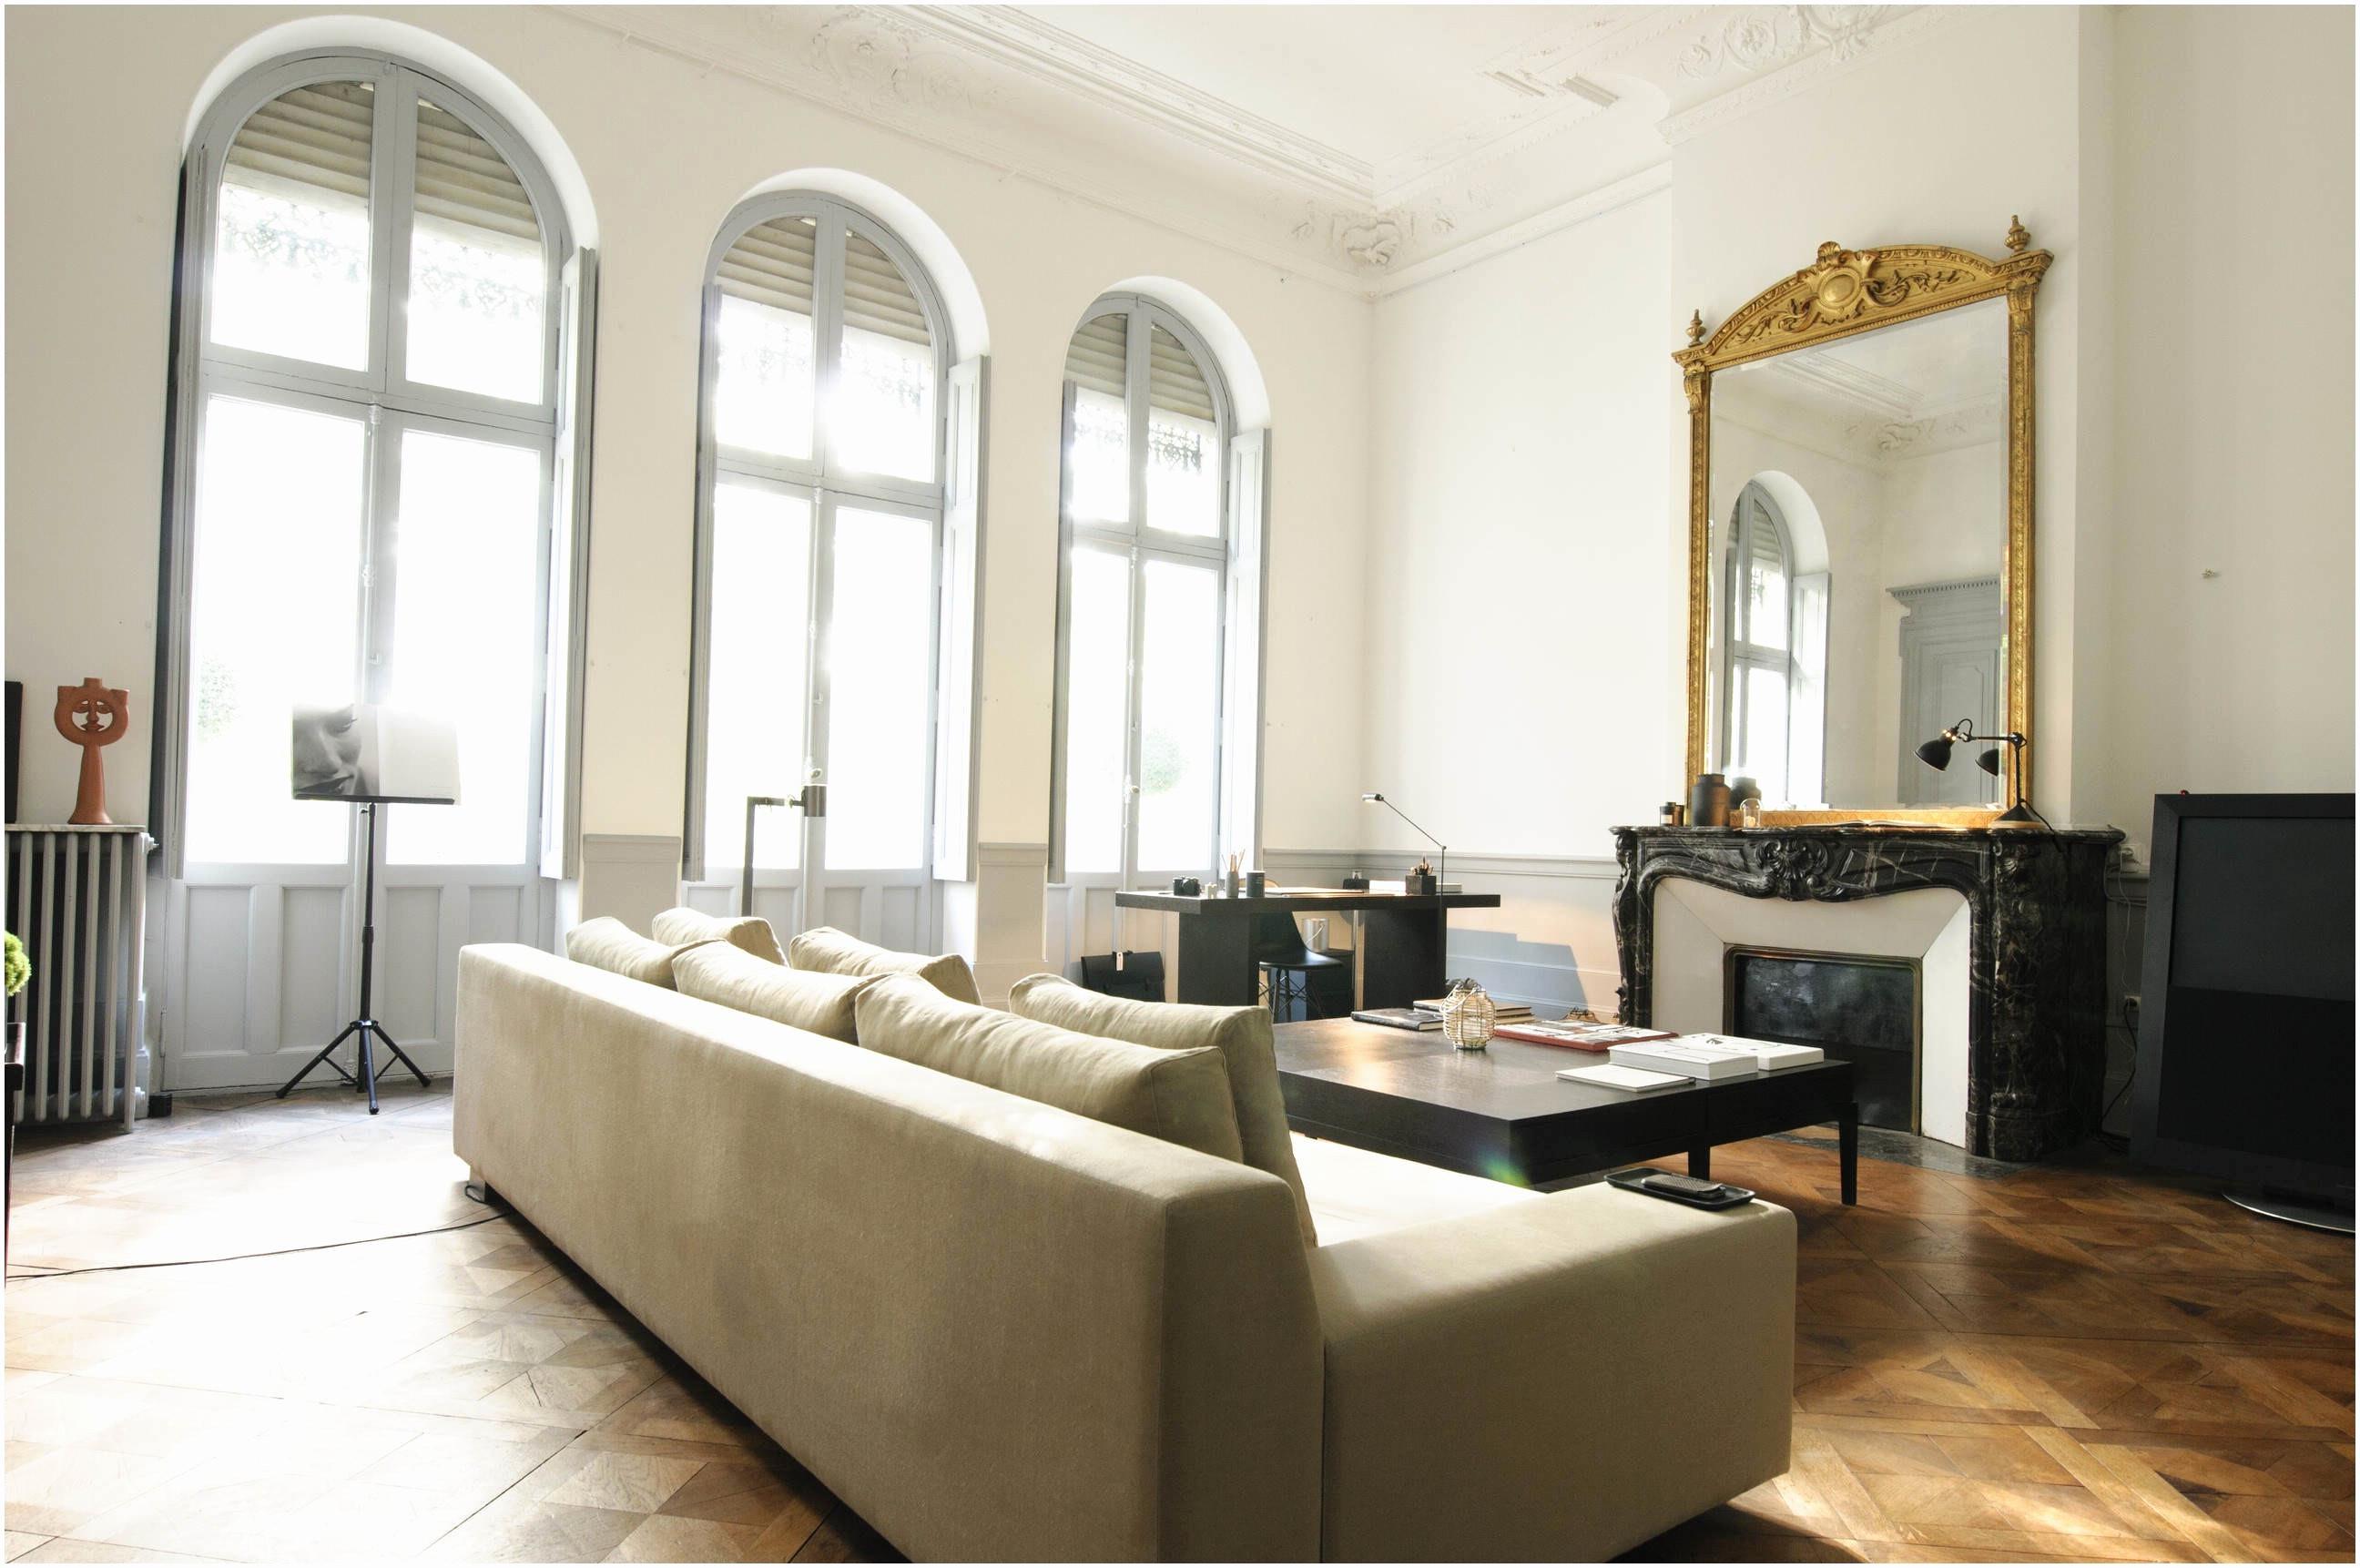 69 Schème Location Studio Meublé Bordeaux destiné Studio Meublé Bordeaux